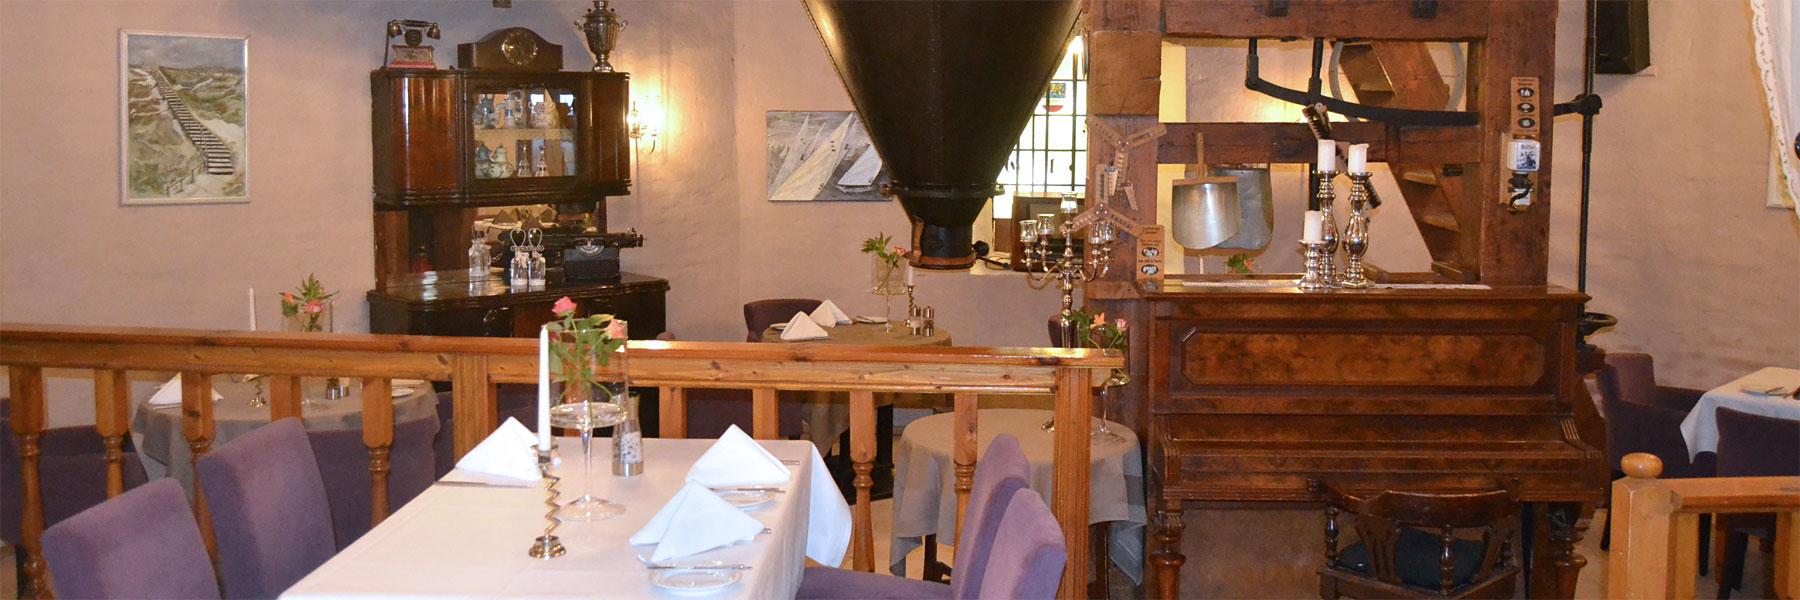 """Historischer Gastraum - Dierkower Mühle """"Zum Holländer"""""""